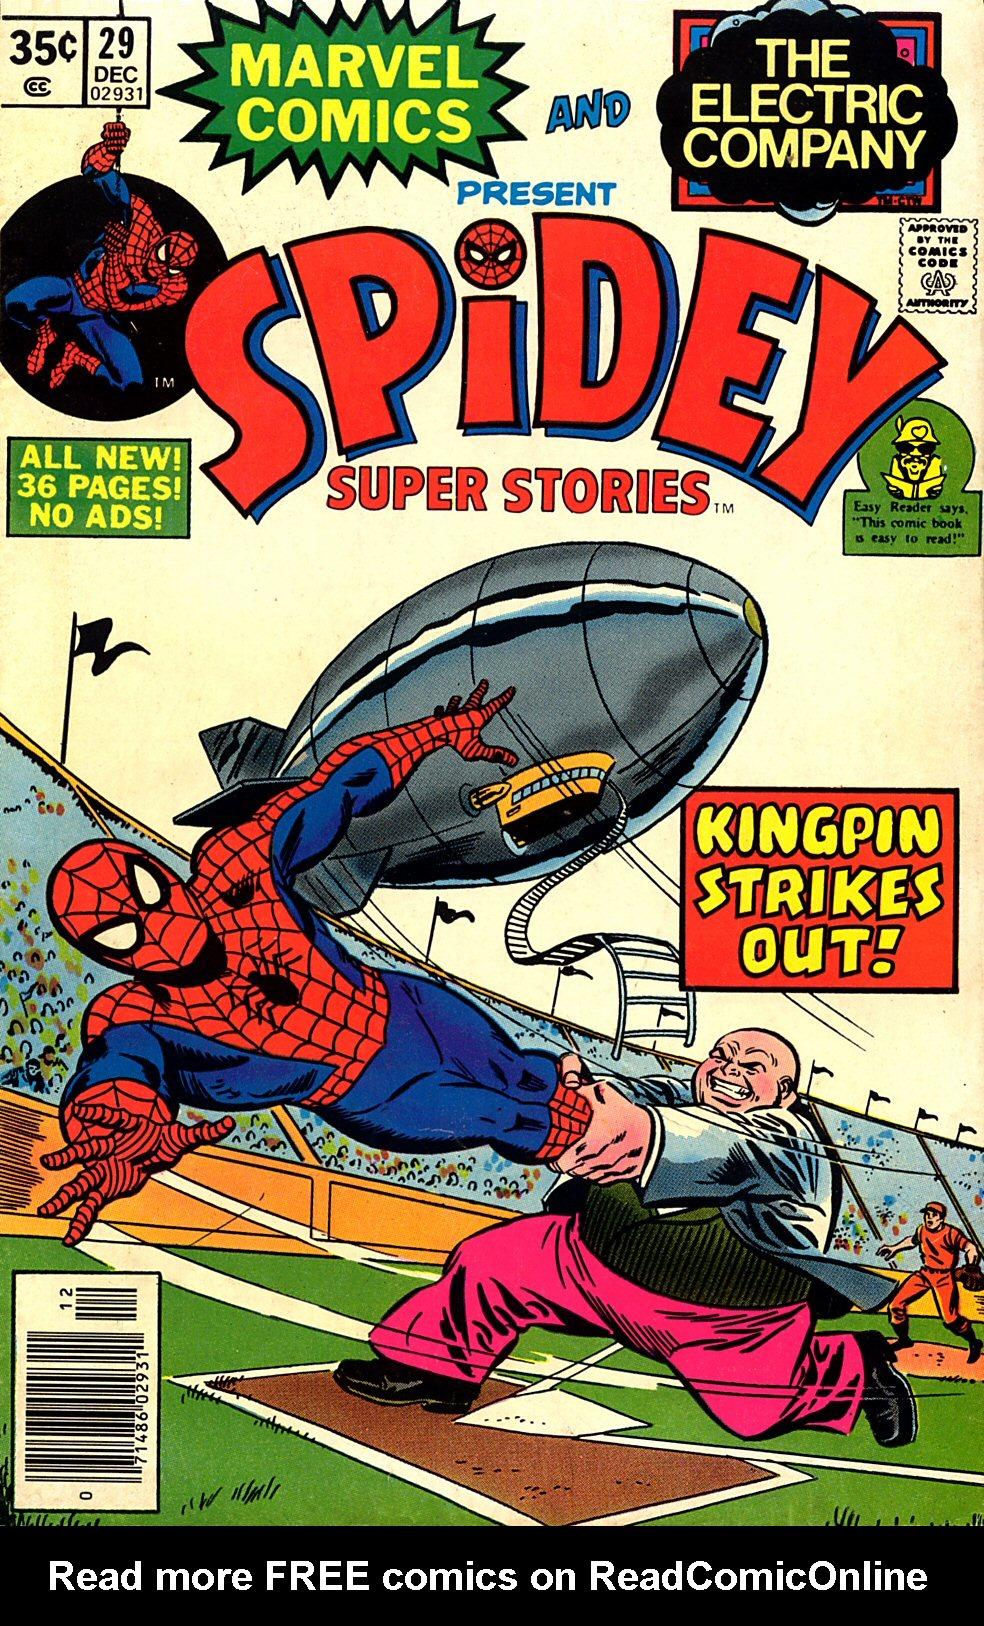 Spidey Super Stories 29 Page 1